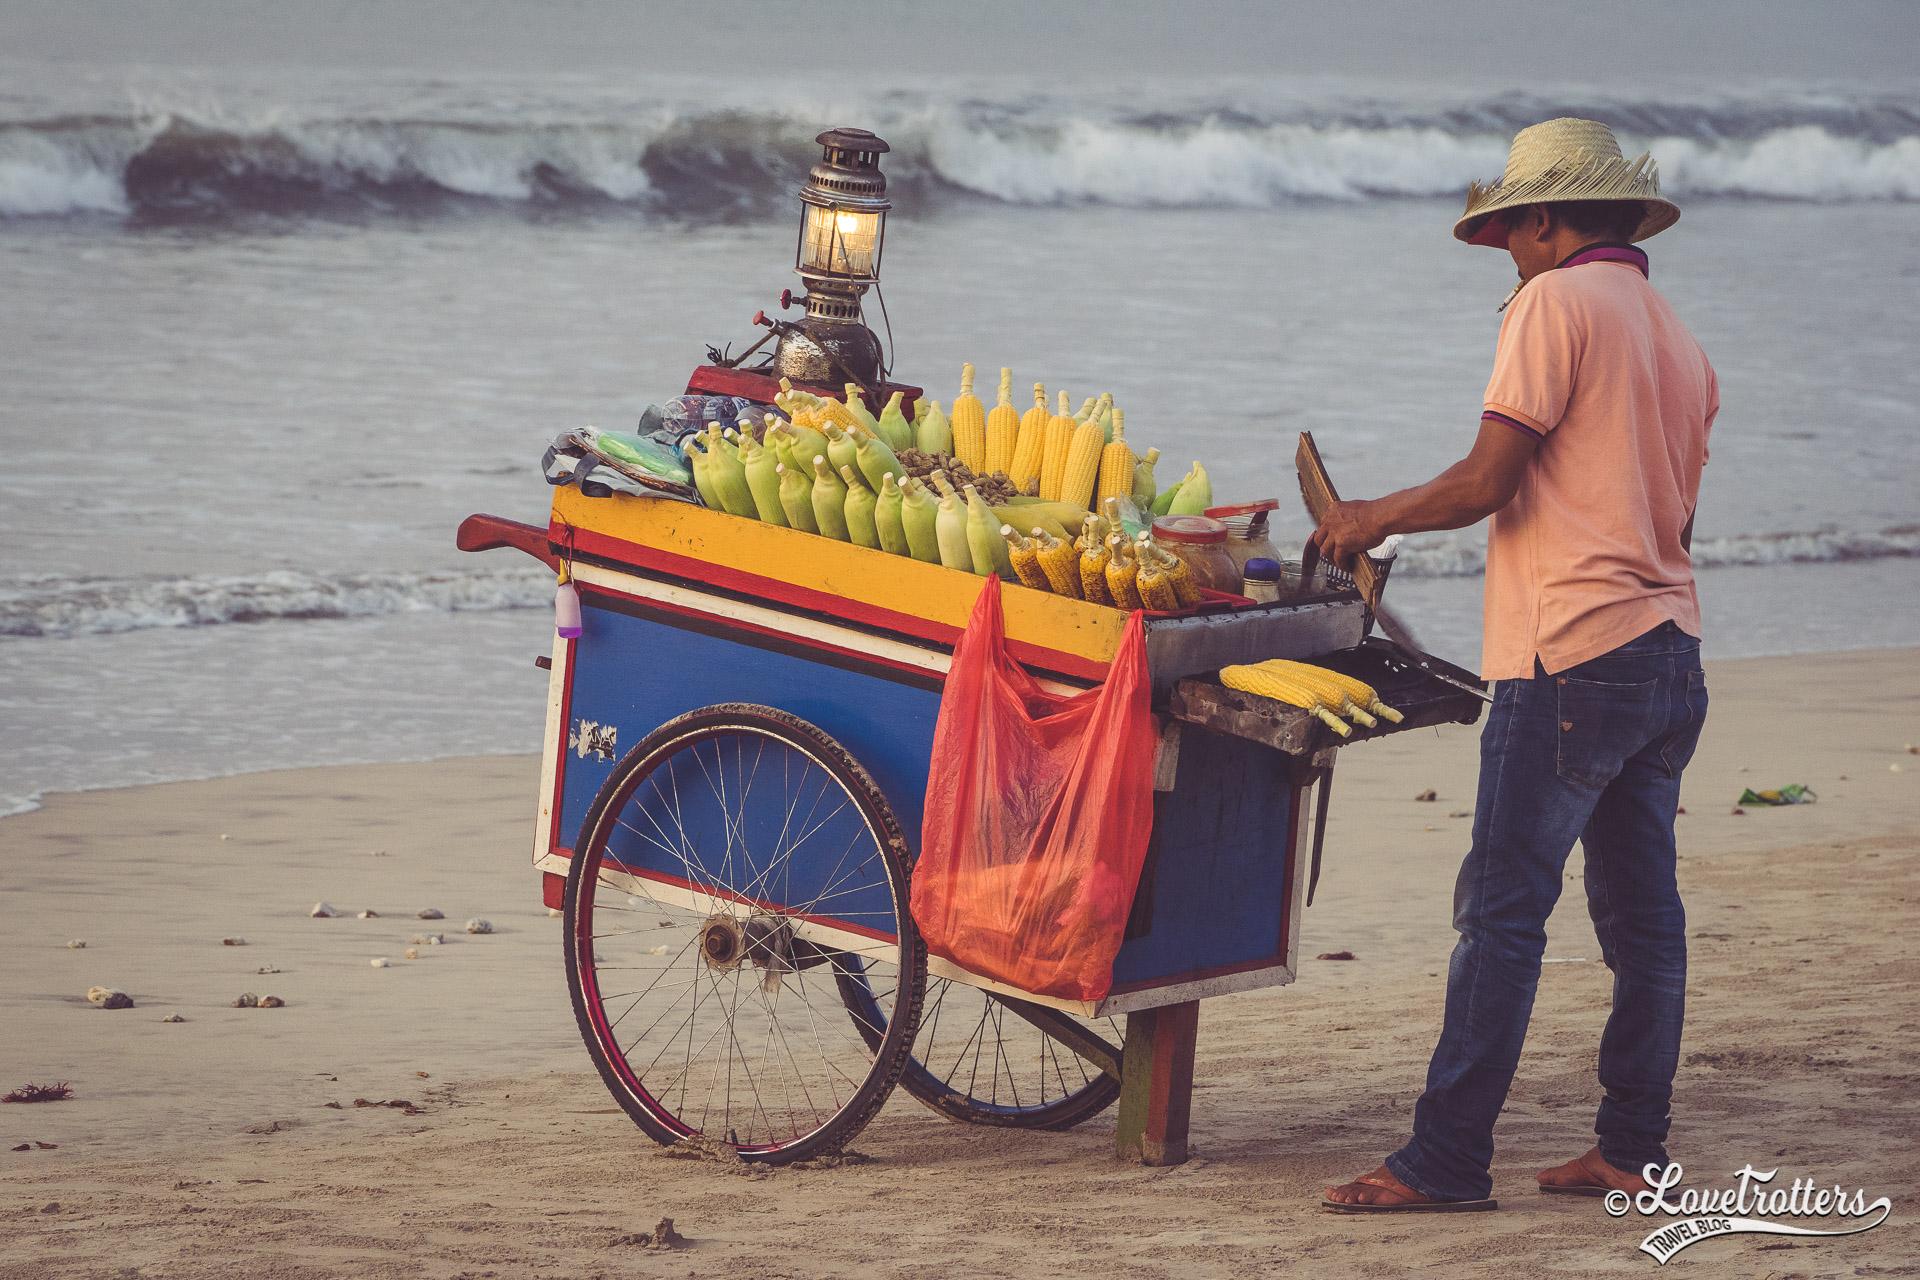 Voyage à Bali hors des sentiers battus - plage de Jimbaran